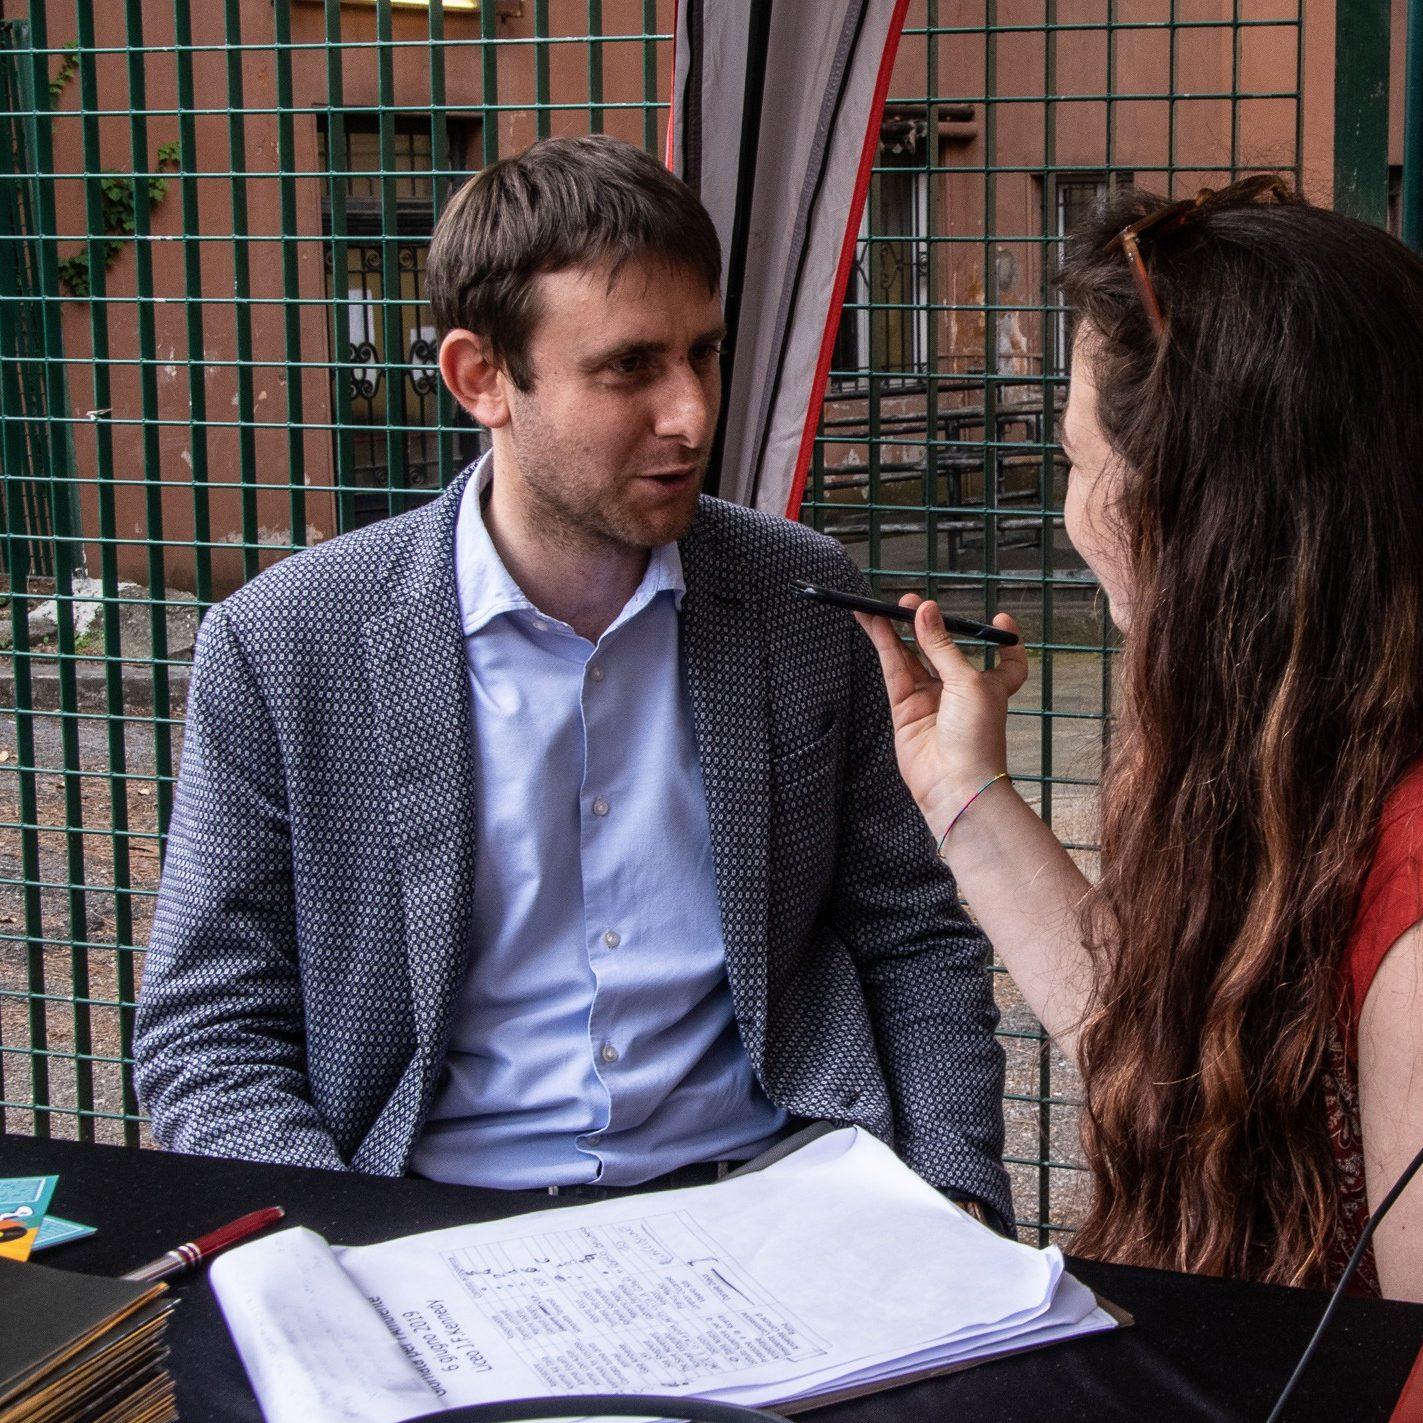 Intervista a Daniele Diaco, presidente della commissione ambiente del comune di Roma, al liceo J.F. Kennedy